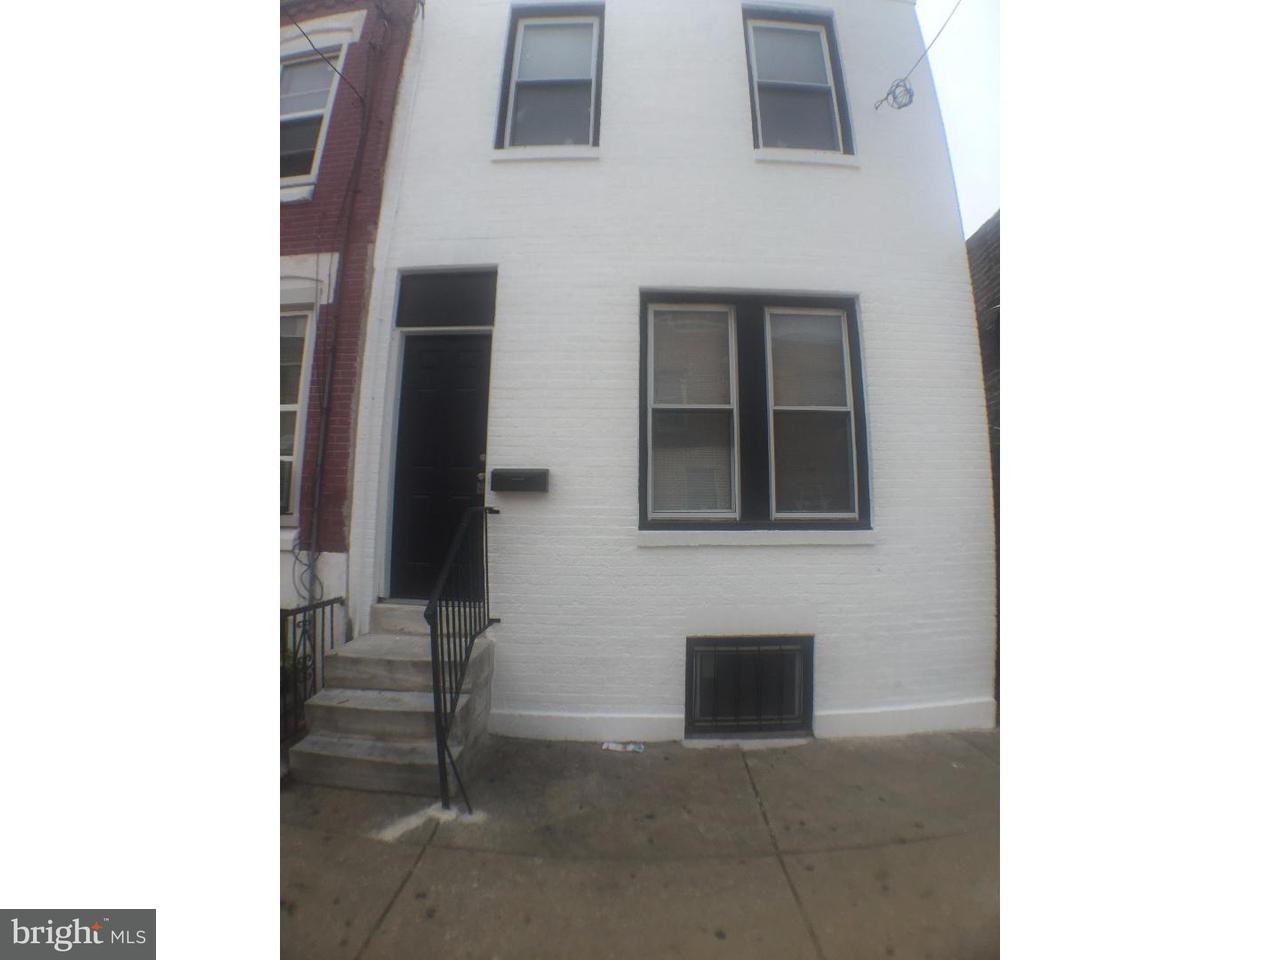 2058 MOUNTAIN Street  Philadelphia, Pennsylvania 19145 United States